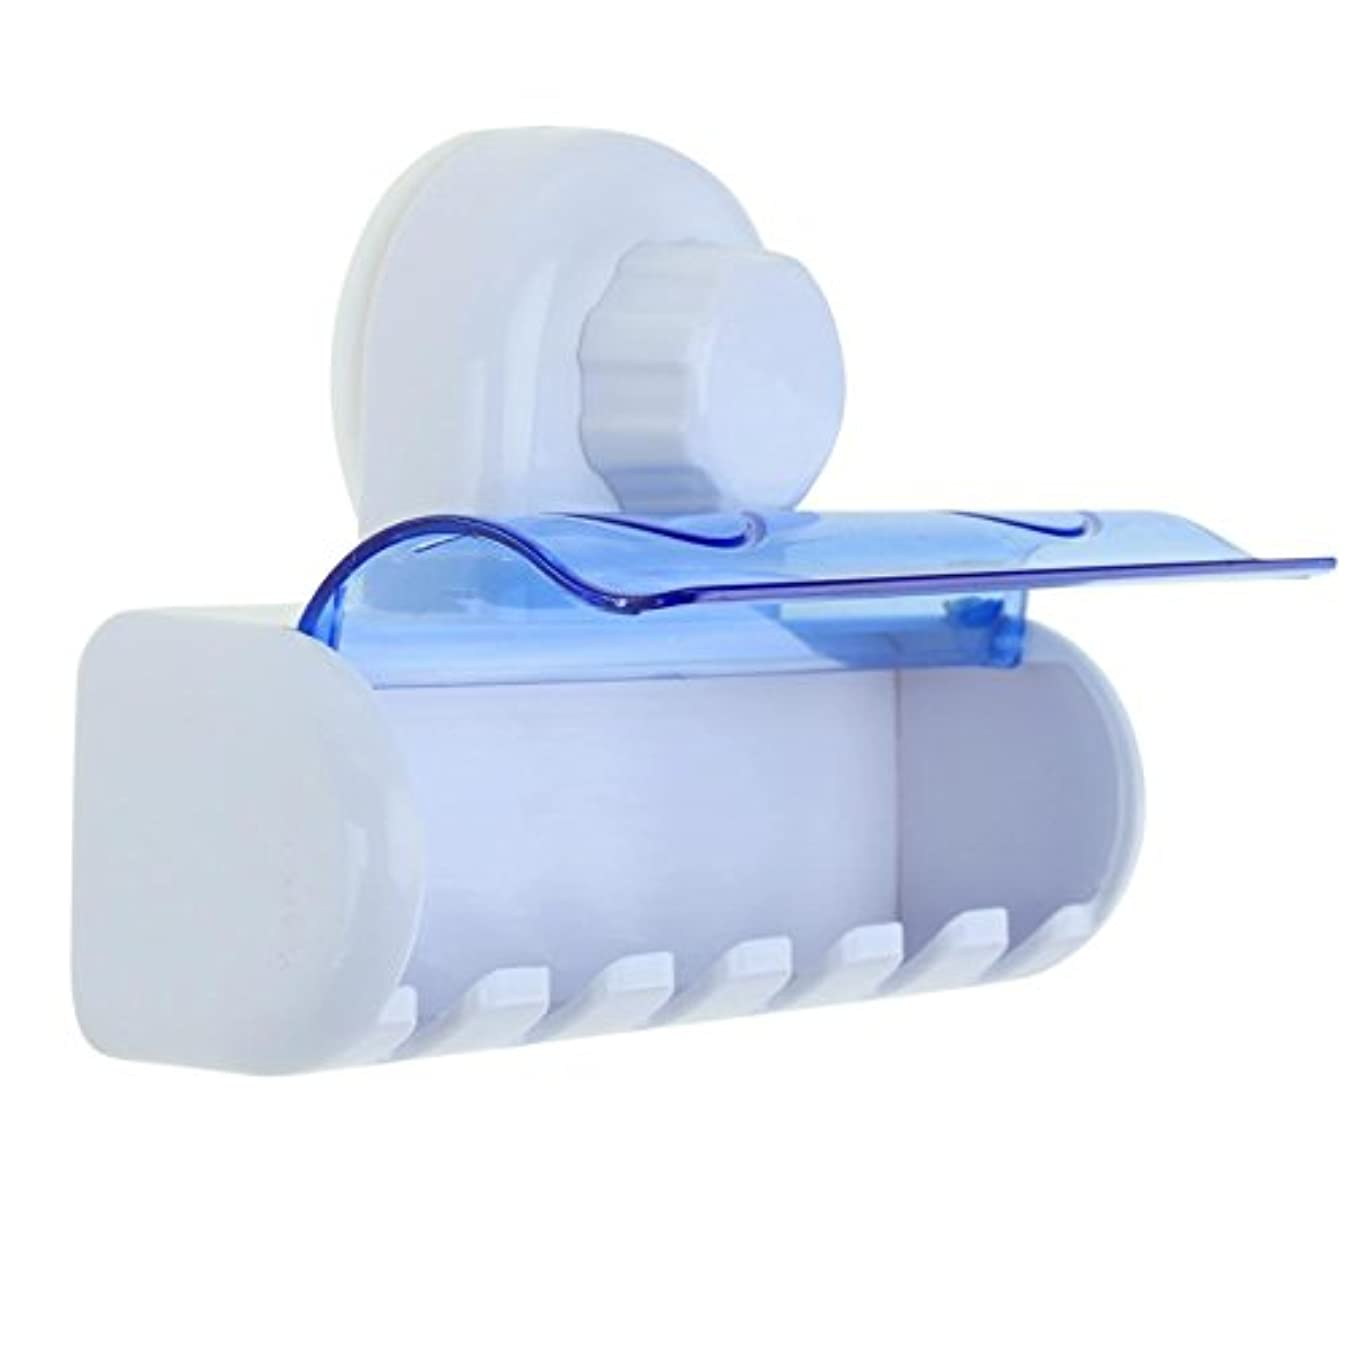 手値するフラップDemiawaking 強力吸盤付き ハブラシラック 歯ブラシ6本収納対応 取り付け簡単 壁掛け ハブラシホルダー